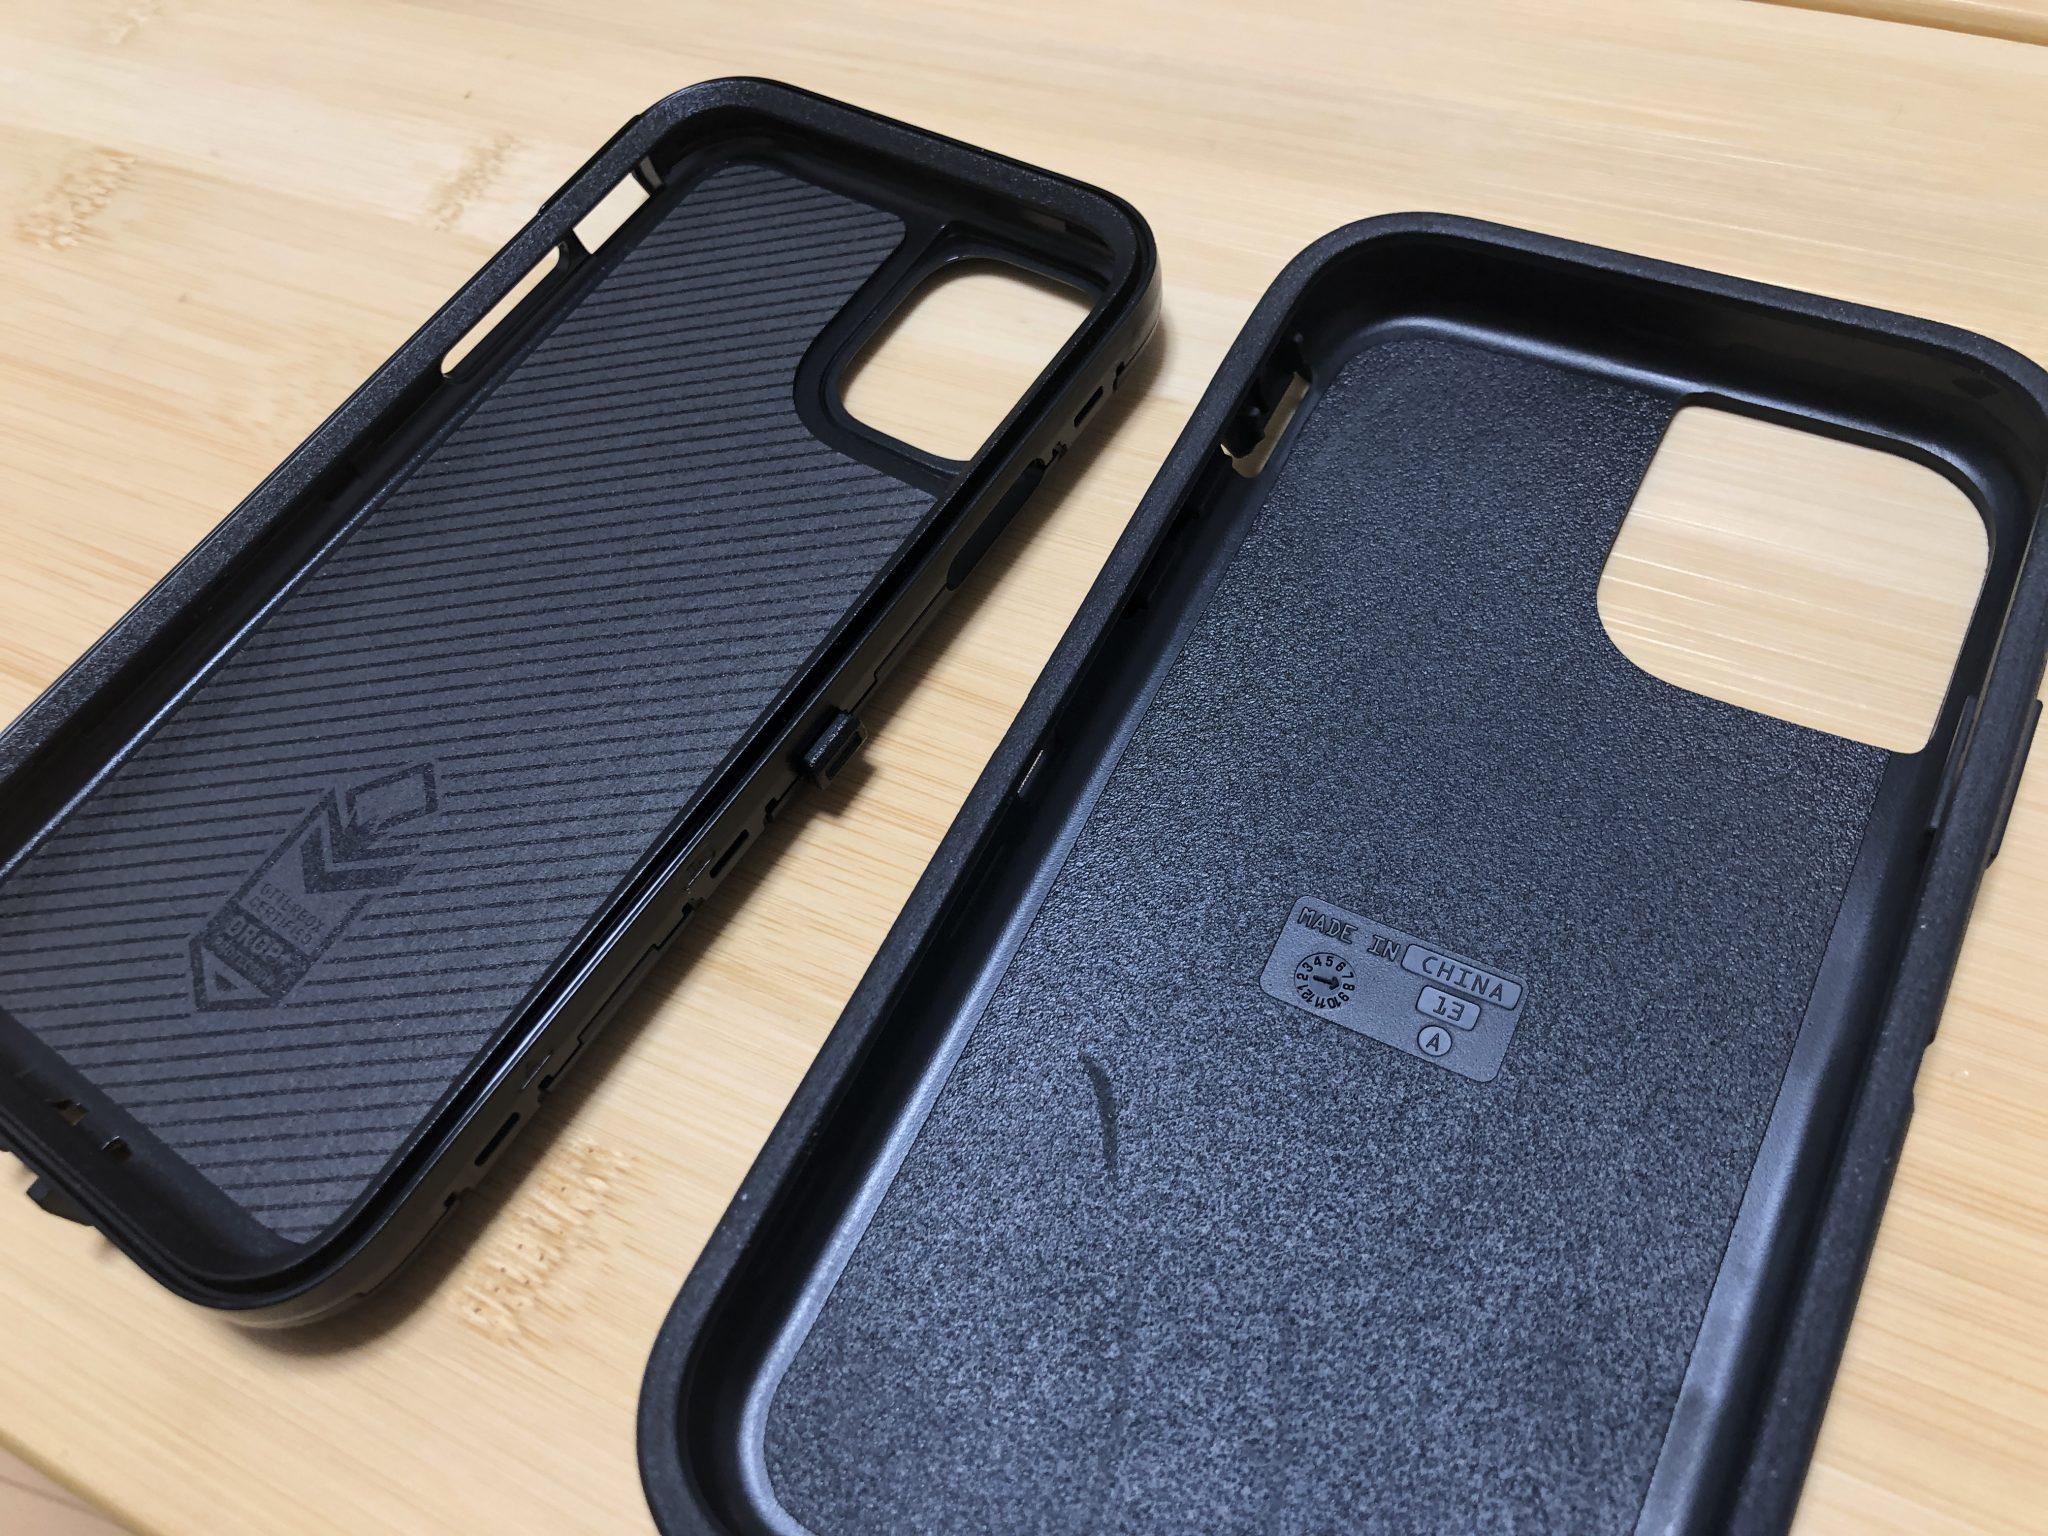 C6A06AE1 34C5 4E9E A006 495862C72C55 - サバゲーマーがオススメするOTTER BOX頑丈なiphone11ケースを買ってみた。